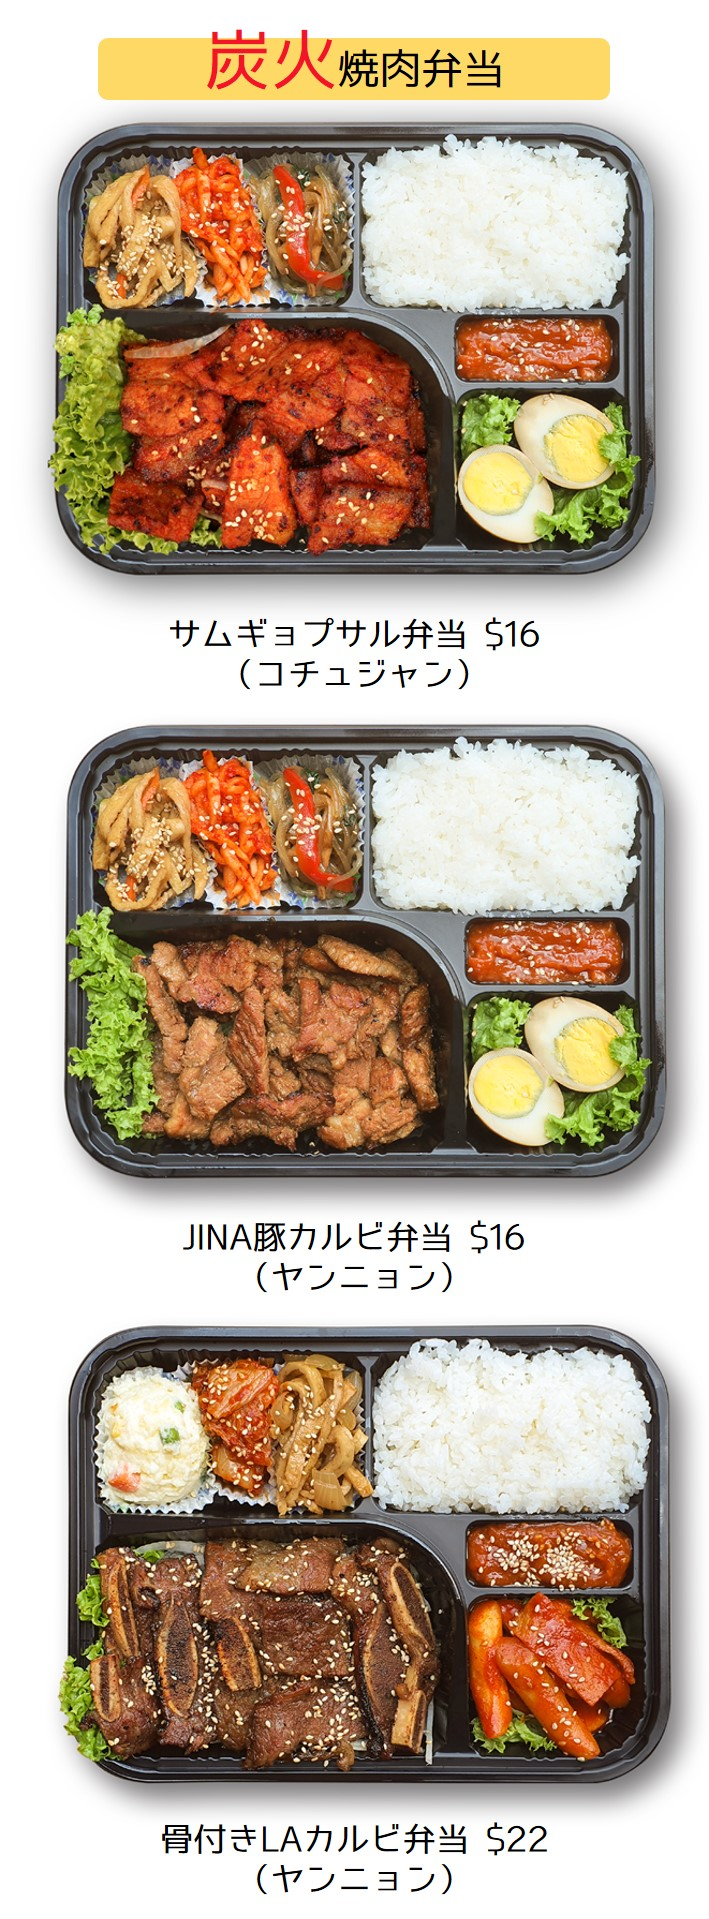 シンガポール韓国料理 デリバリー